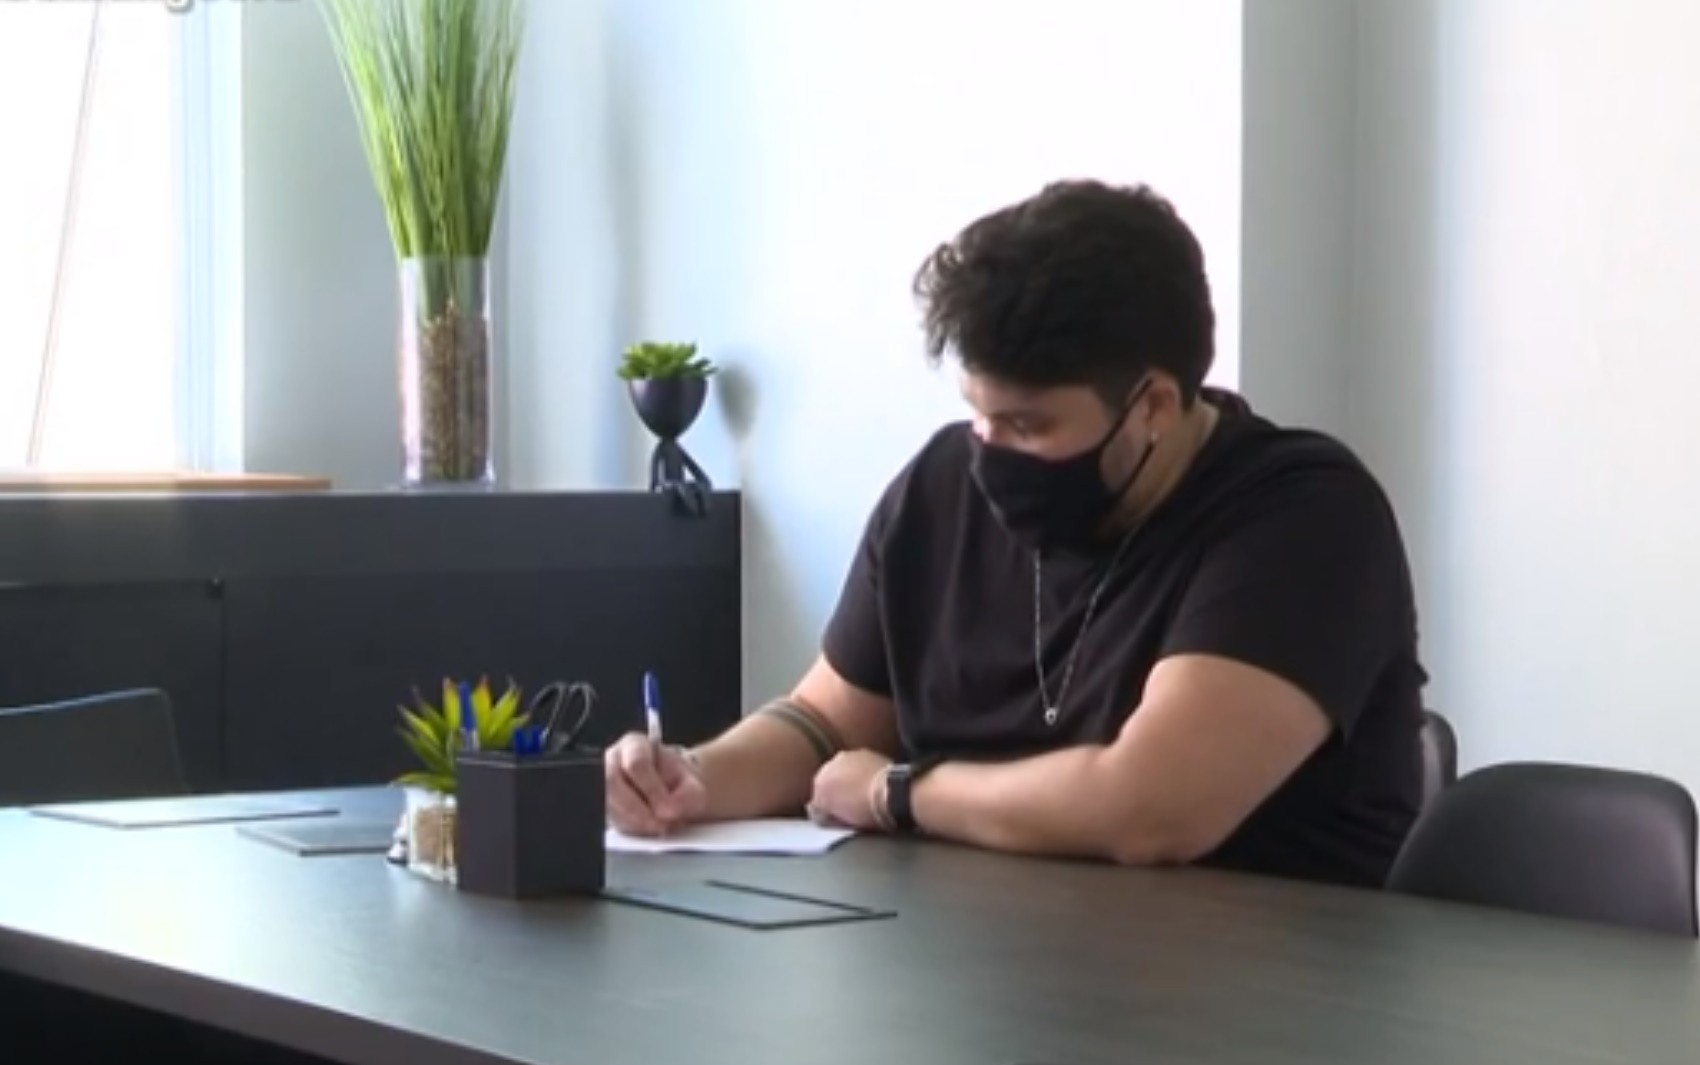 Compositores de famosos transformam histórias de casais em músicas para presentear namorados, em Goiânia